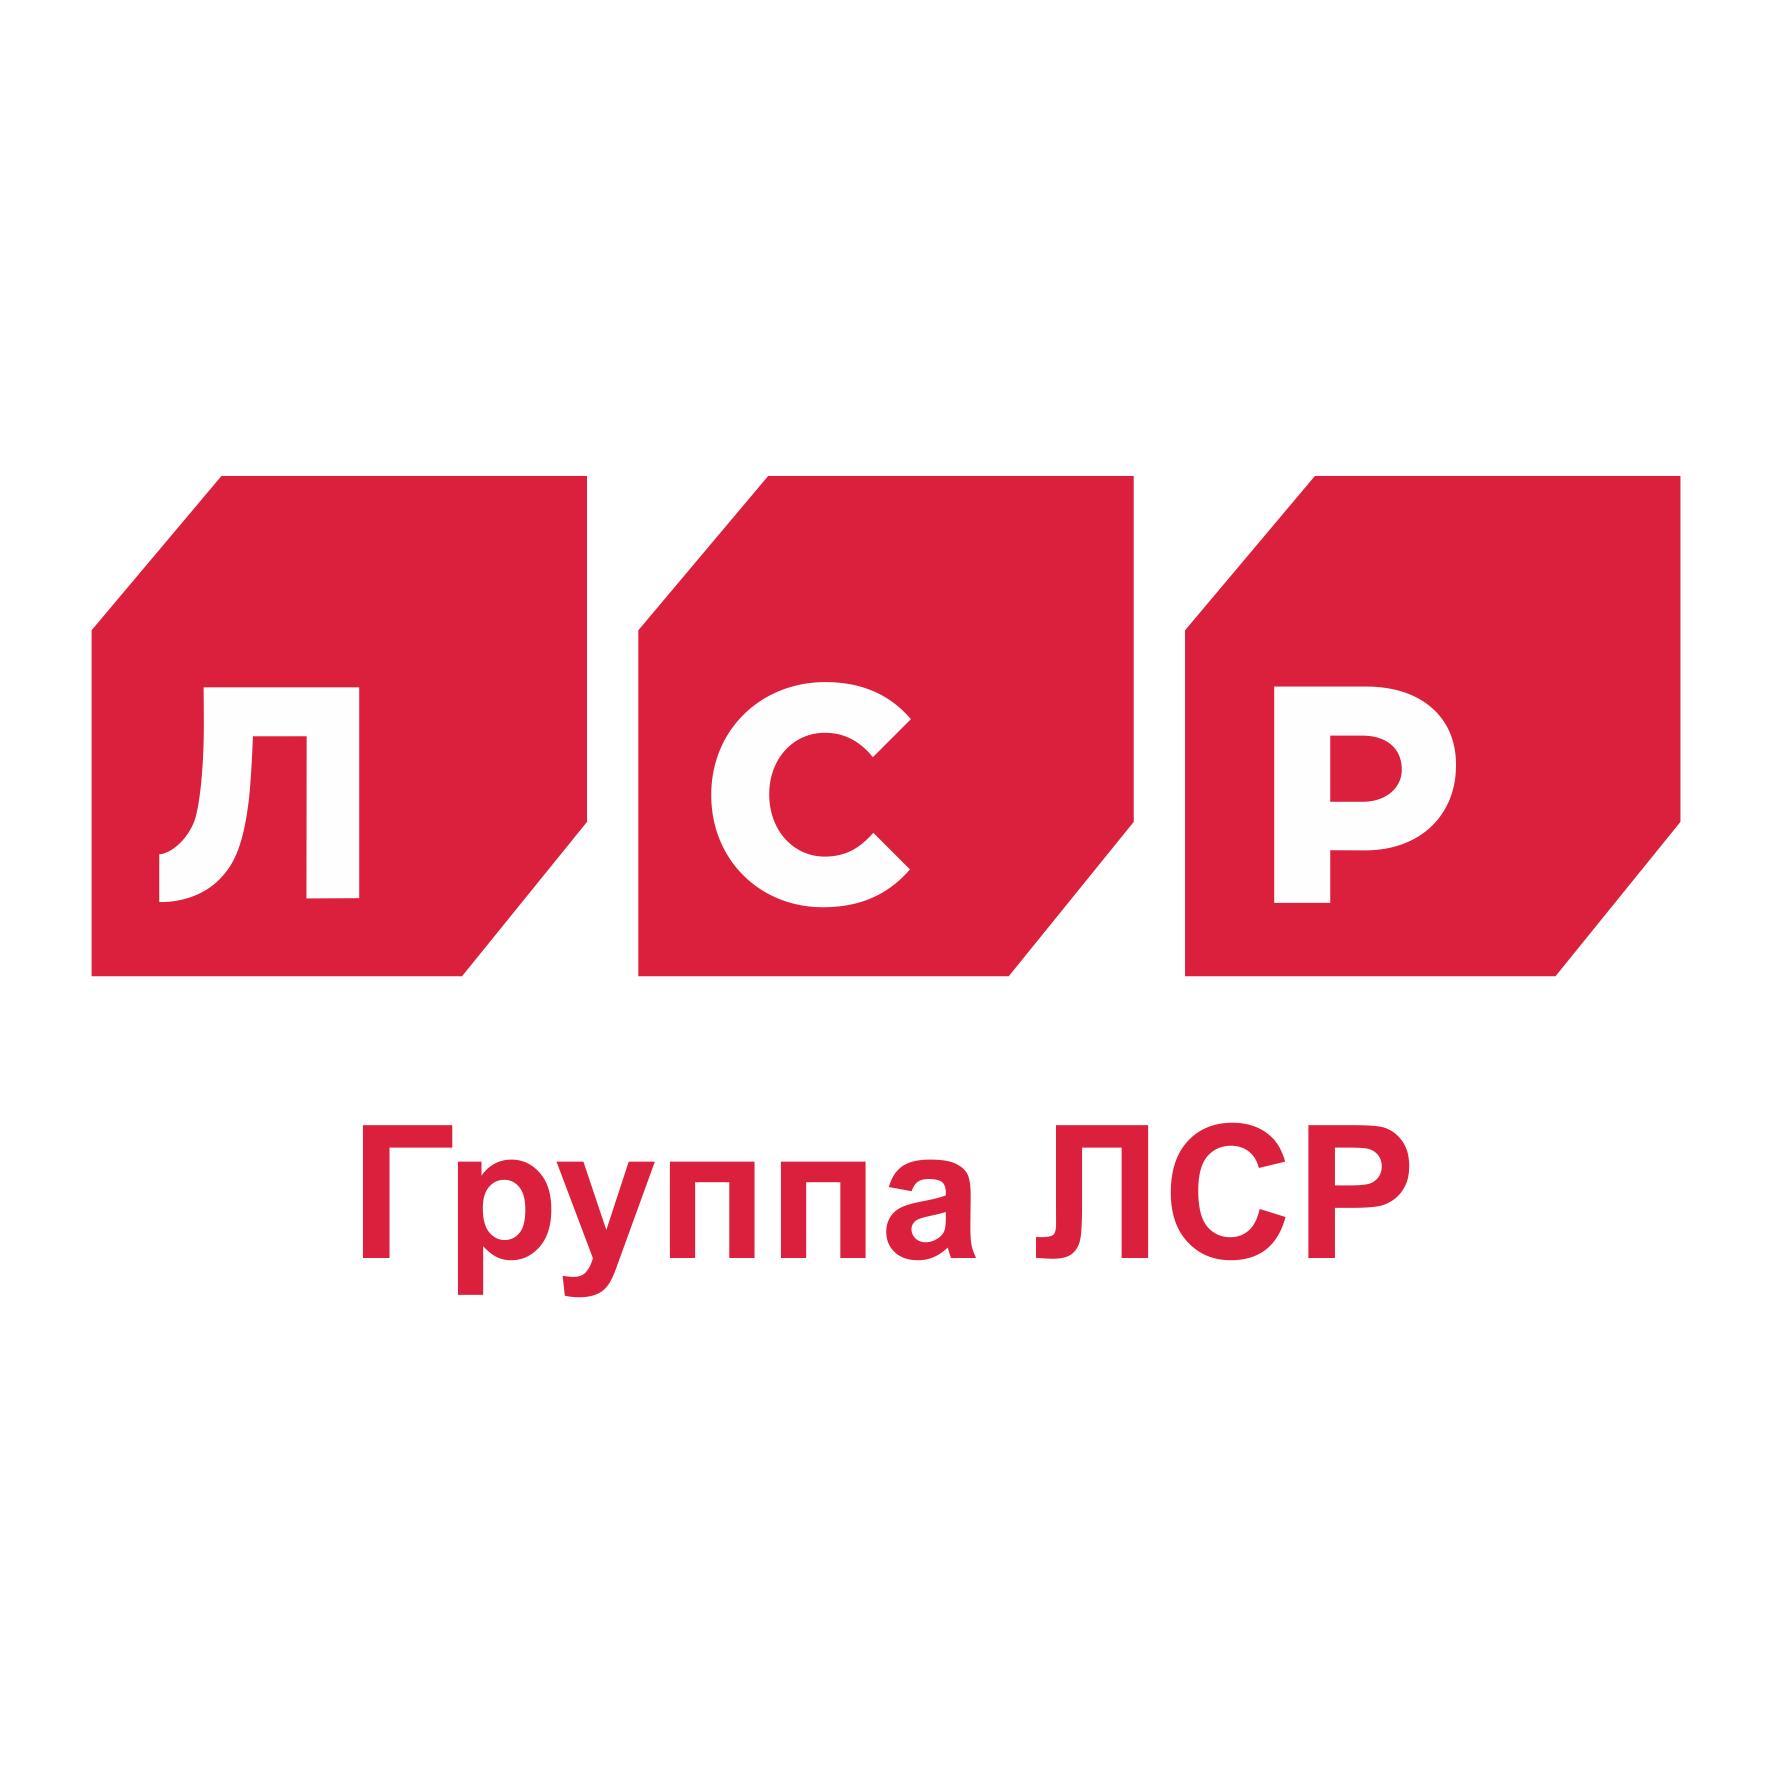 заказать и купить щебень нерудпрофтрейд.рф